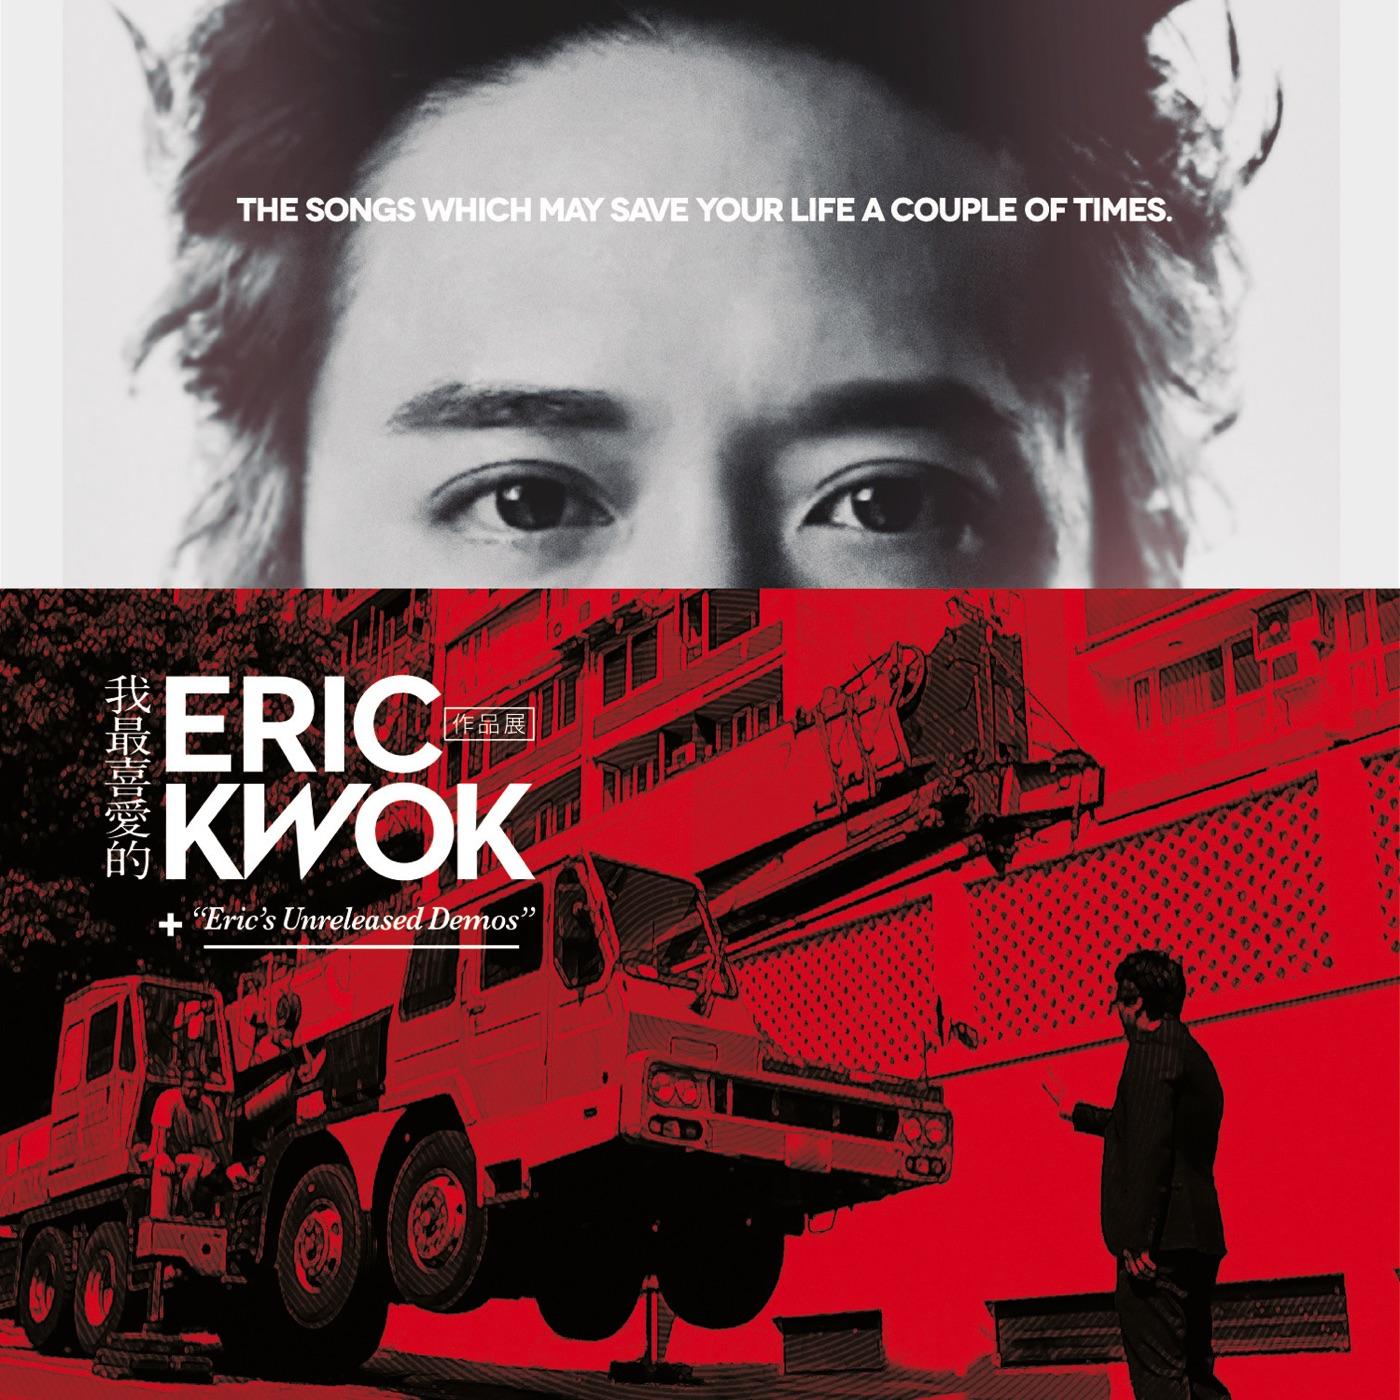 群星 - 我最喜爱的Eric Kwok作品展